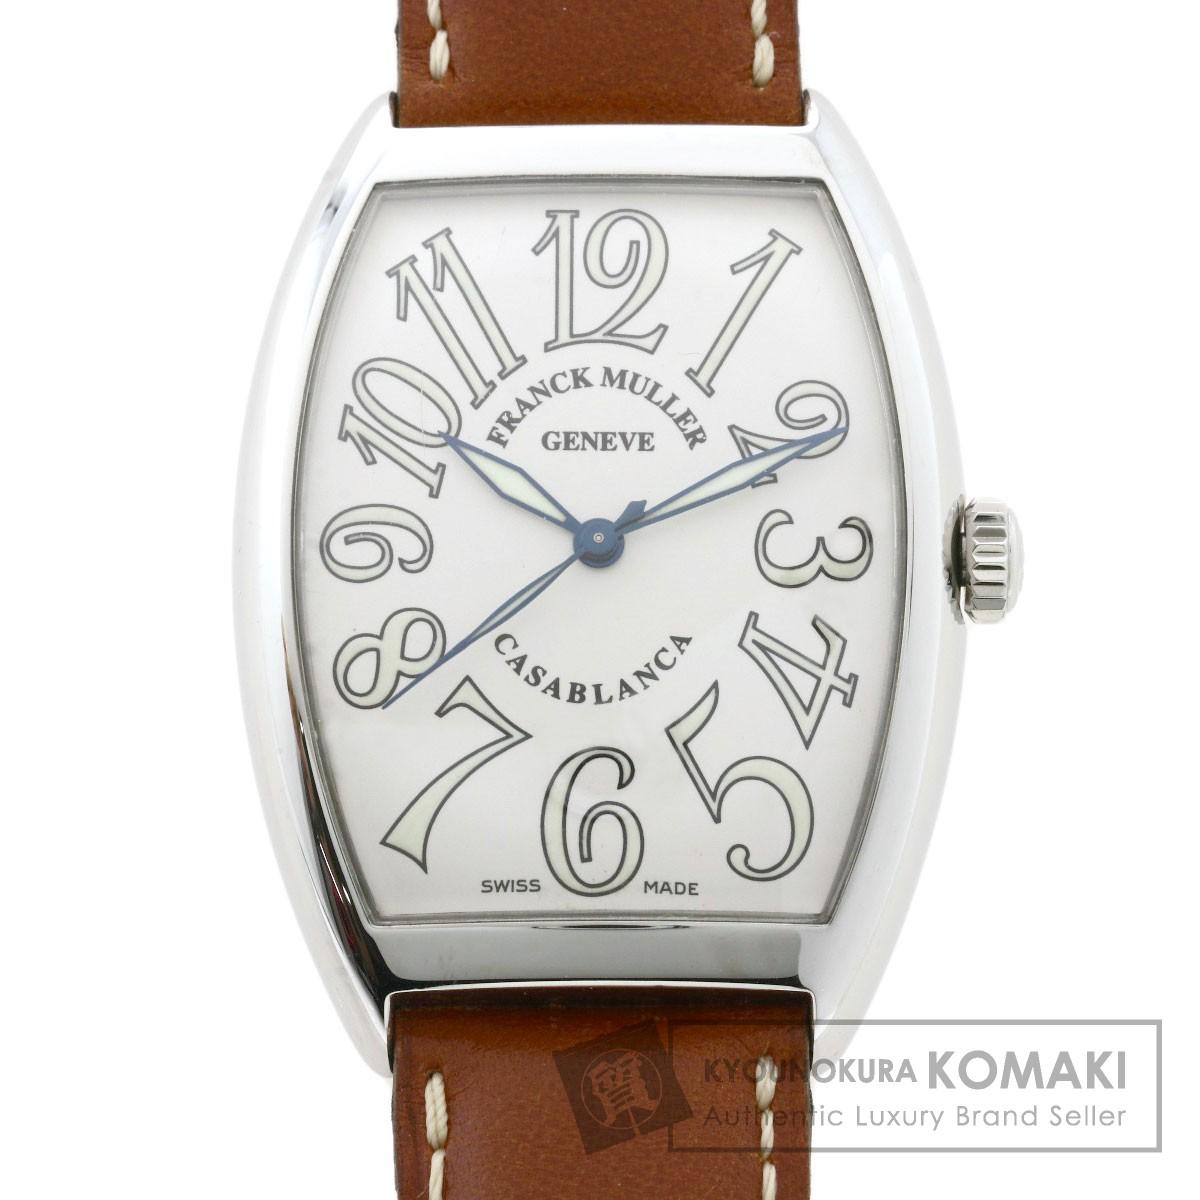 初回限定 FRANCK MULLER フランクミュラー 6850 カサブランカ 腕時計 当店限定ポイント5倍 高額クーポン配布中 価格交渉OK送料無料 18 中古 8 メンズ 革 09:59迄 水 ステンレススチール